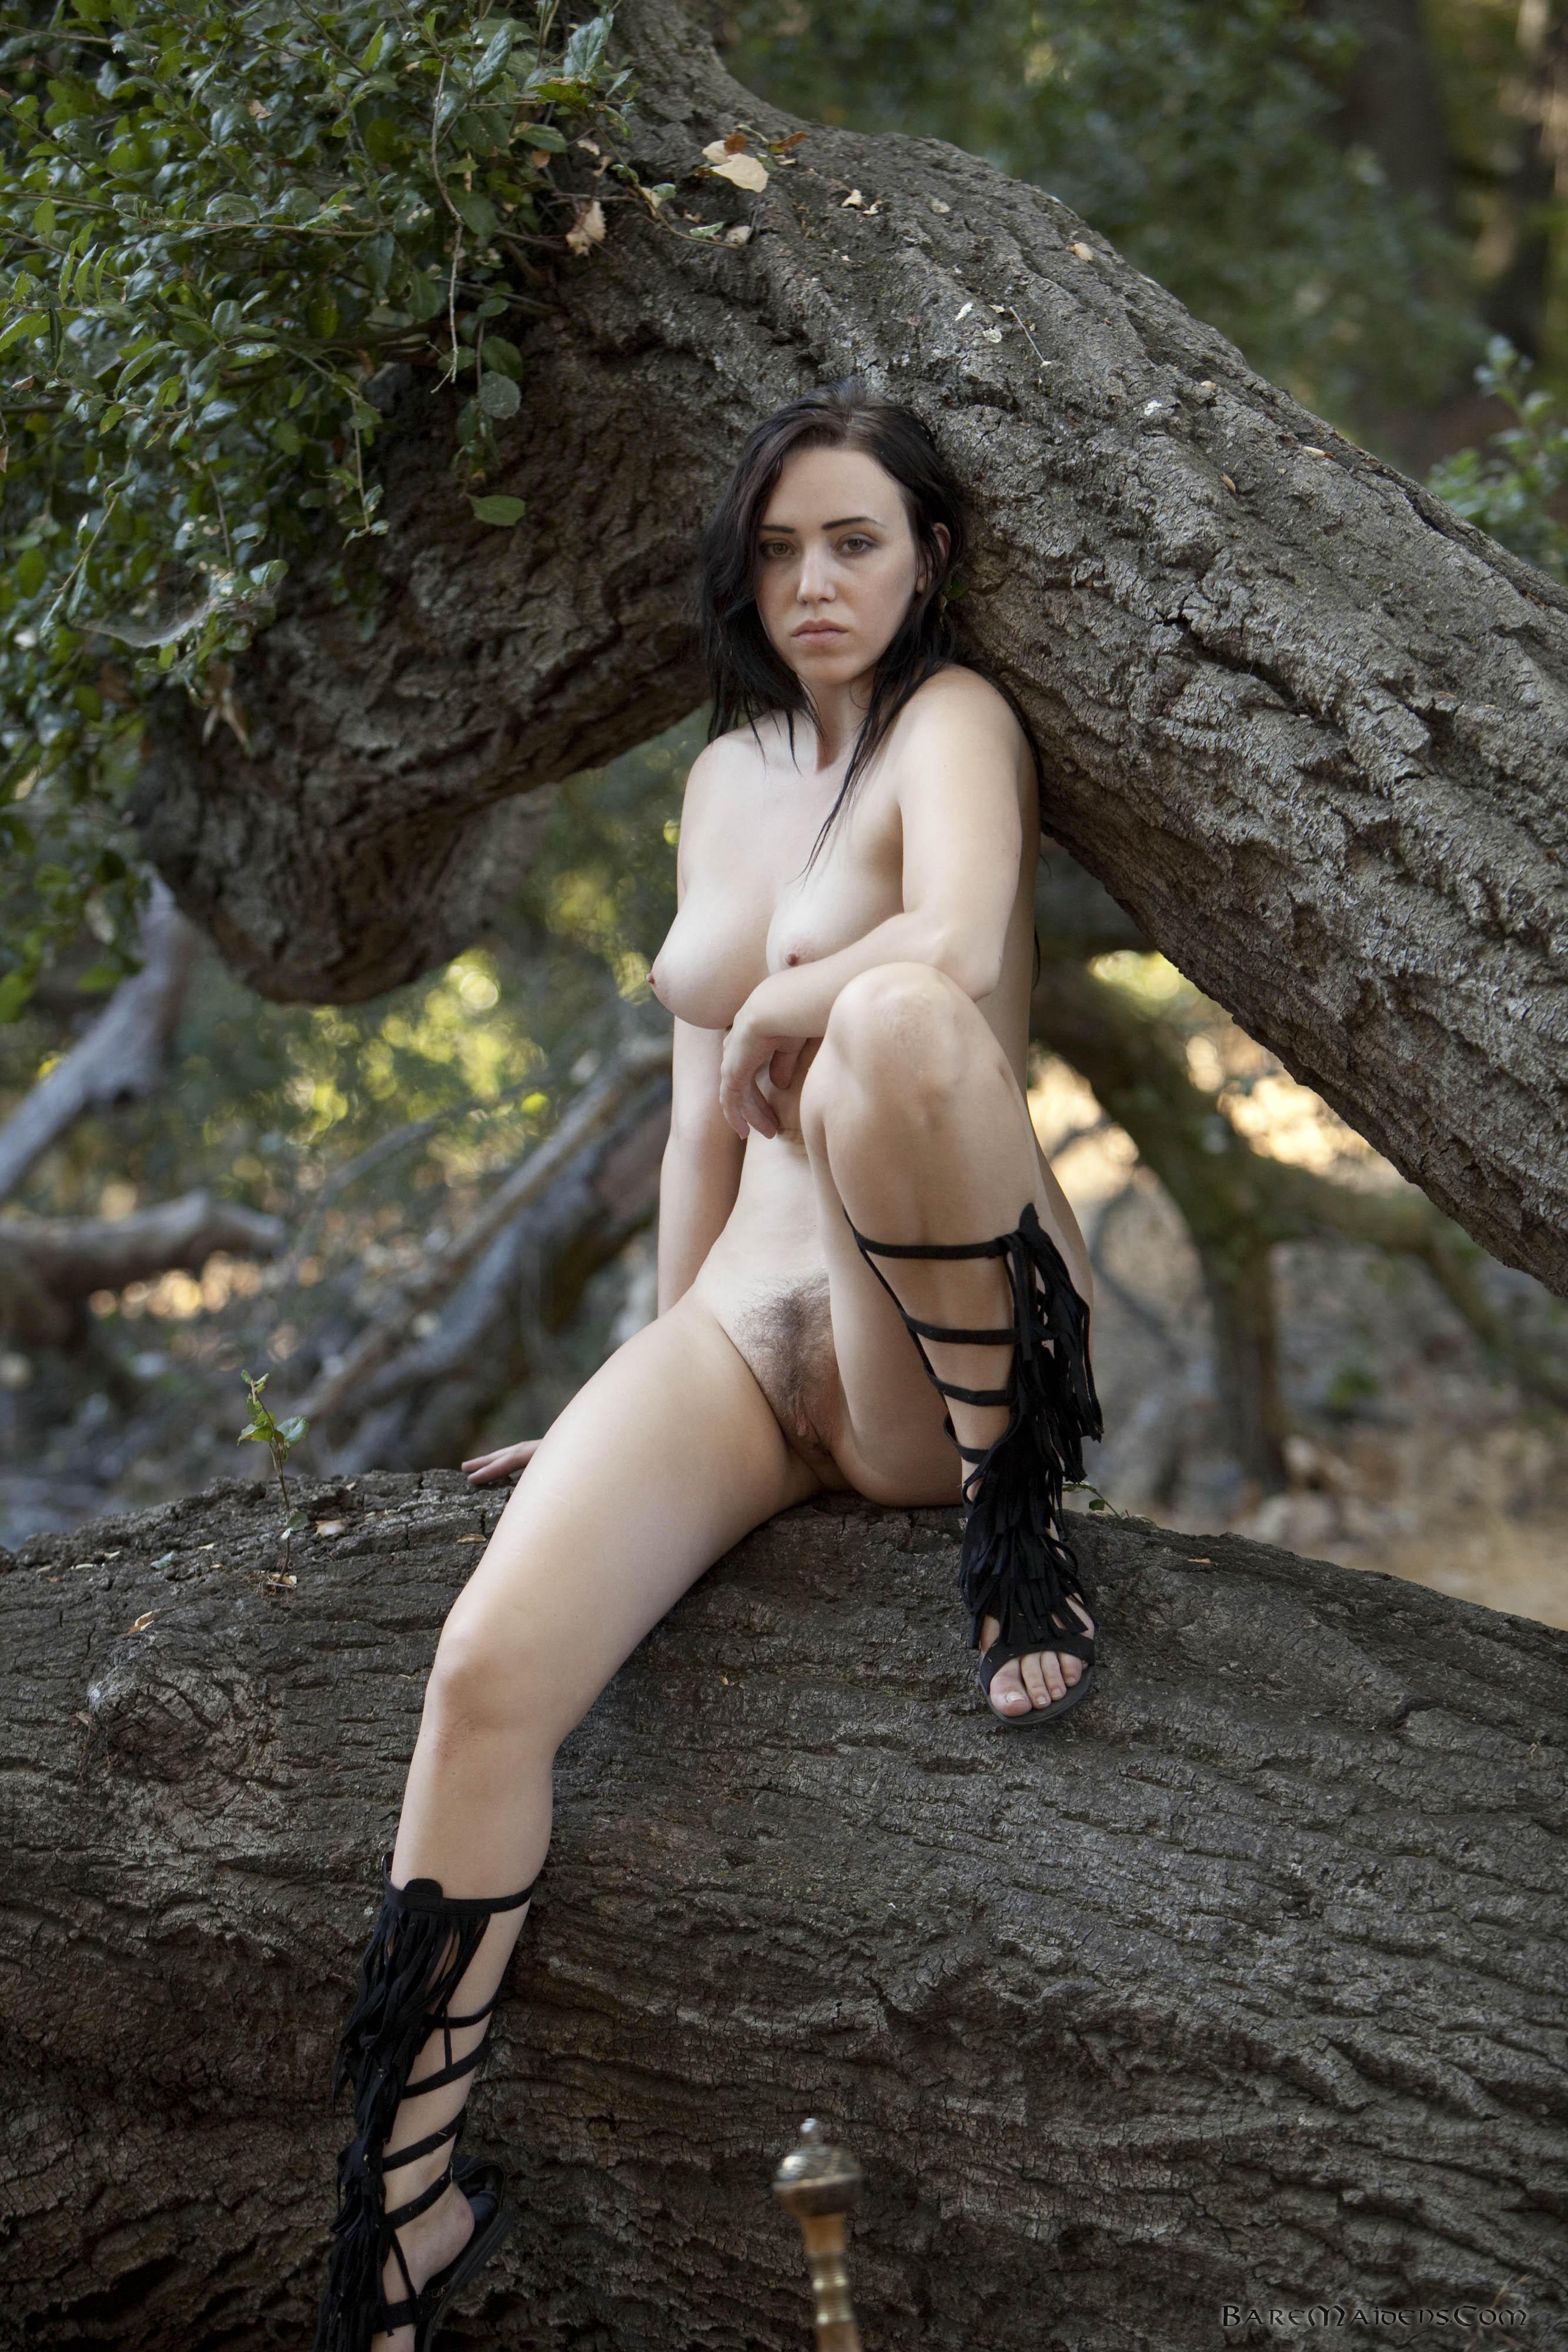 Knaomi knight nude pics hentia movies